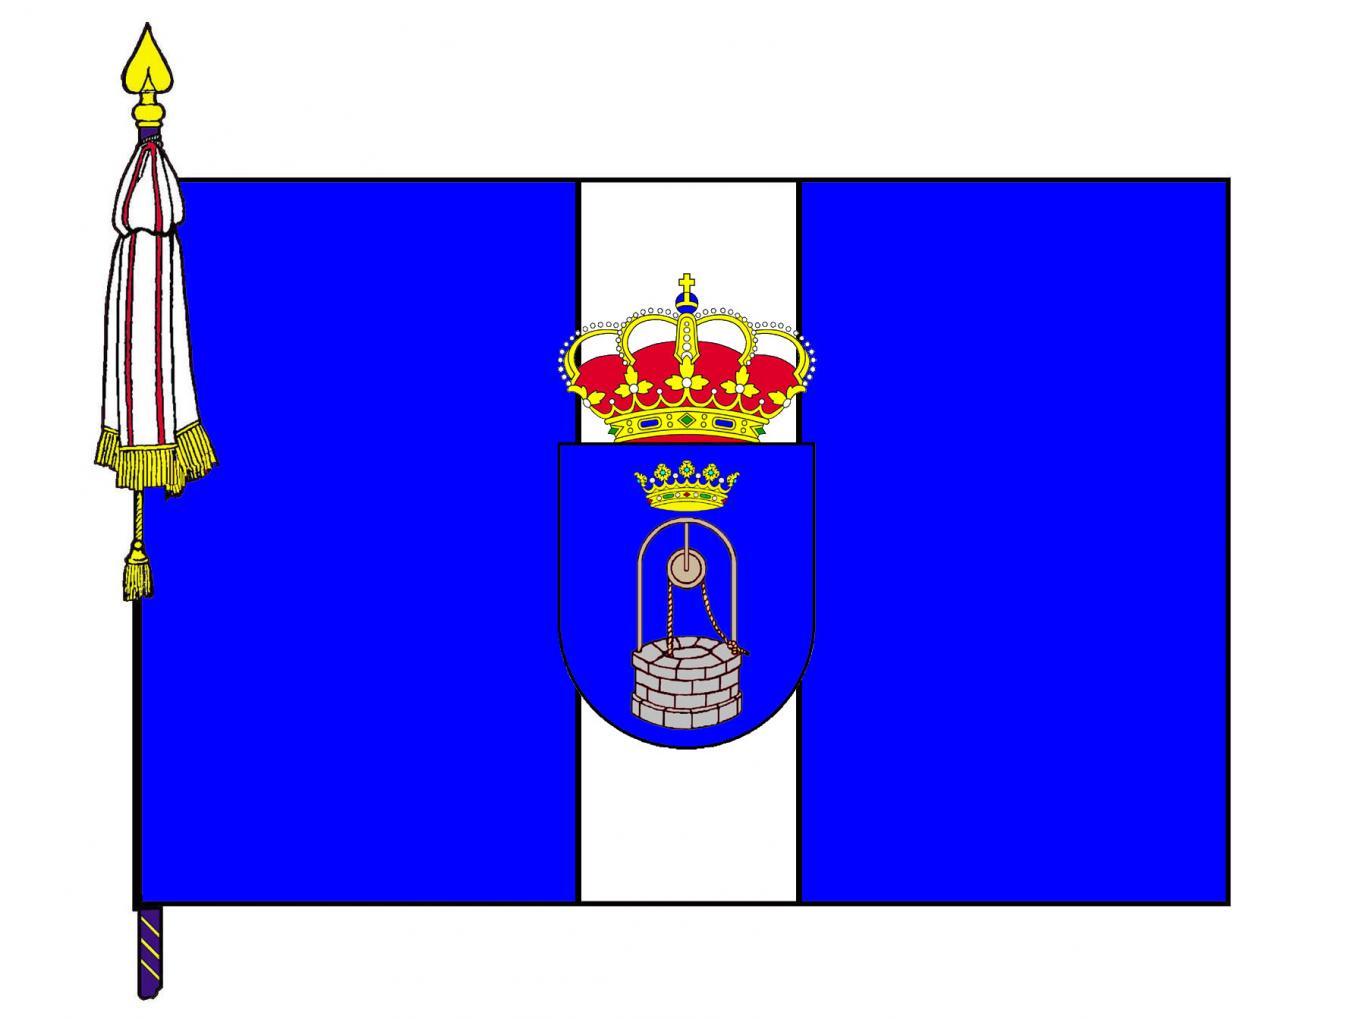 bandera_pozuelo_del_rey